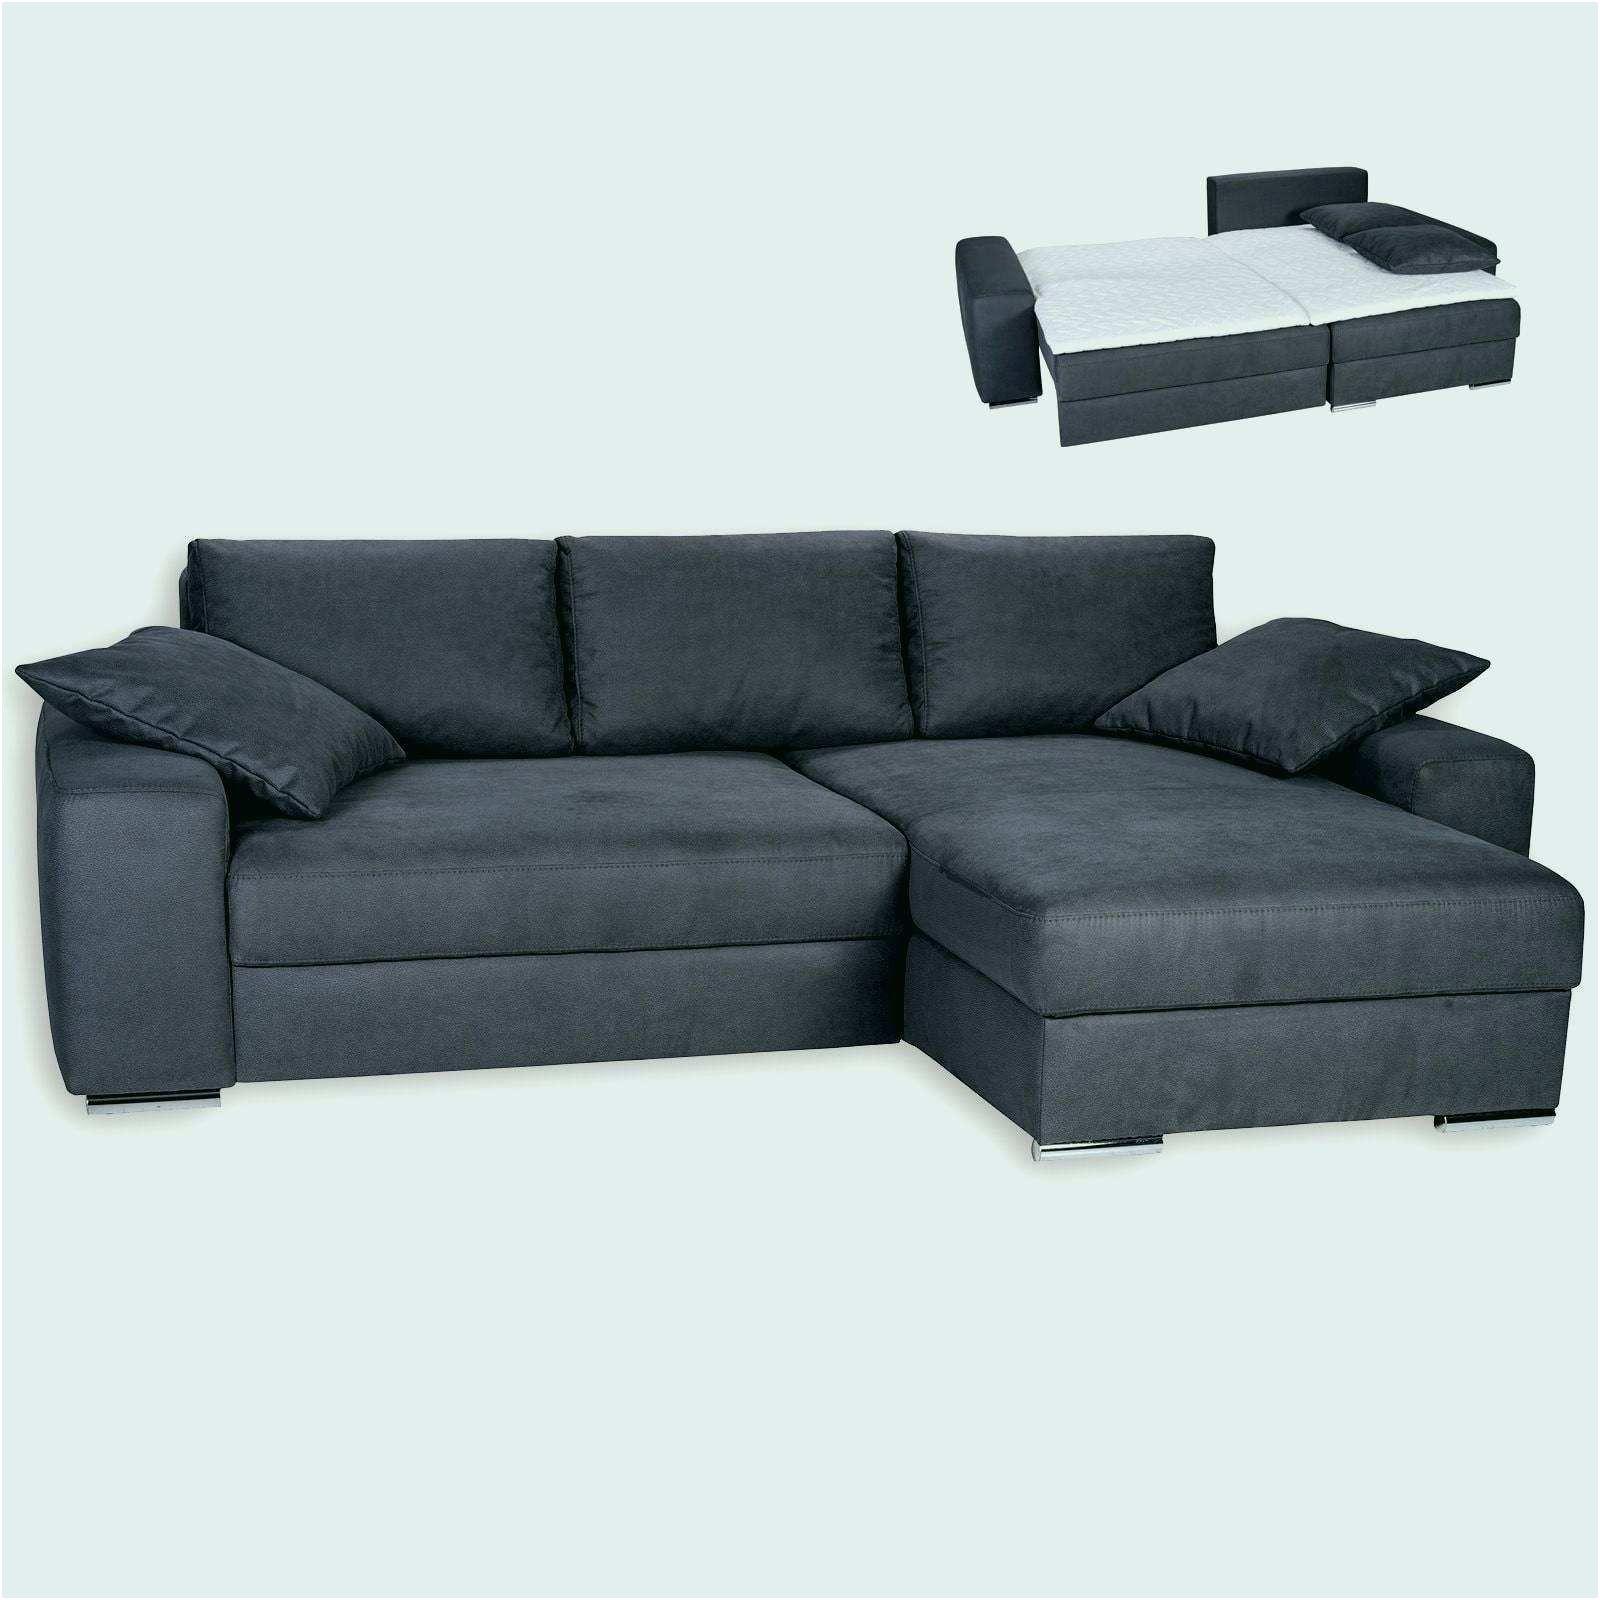 Big Sofa L Form Great Cool Couch L Form Good Big Sofa L Form Big